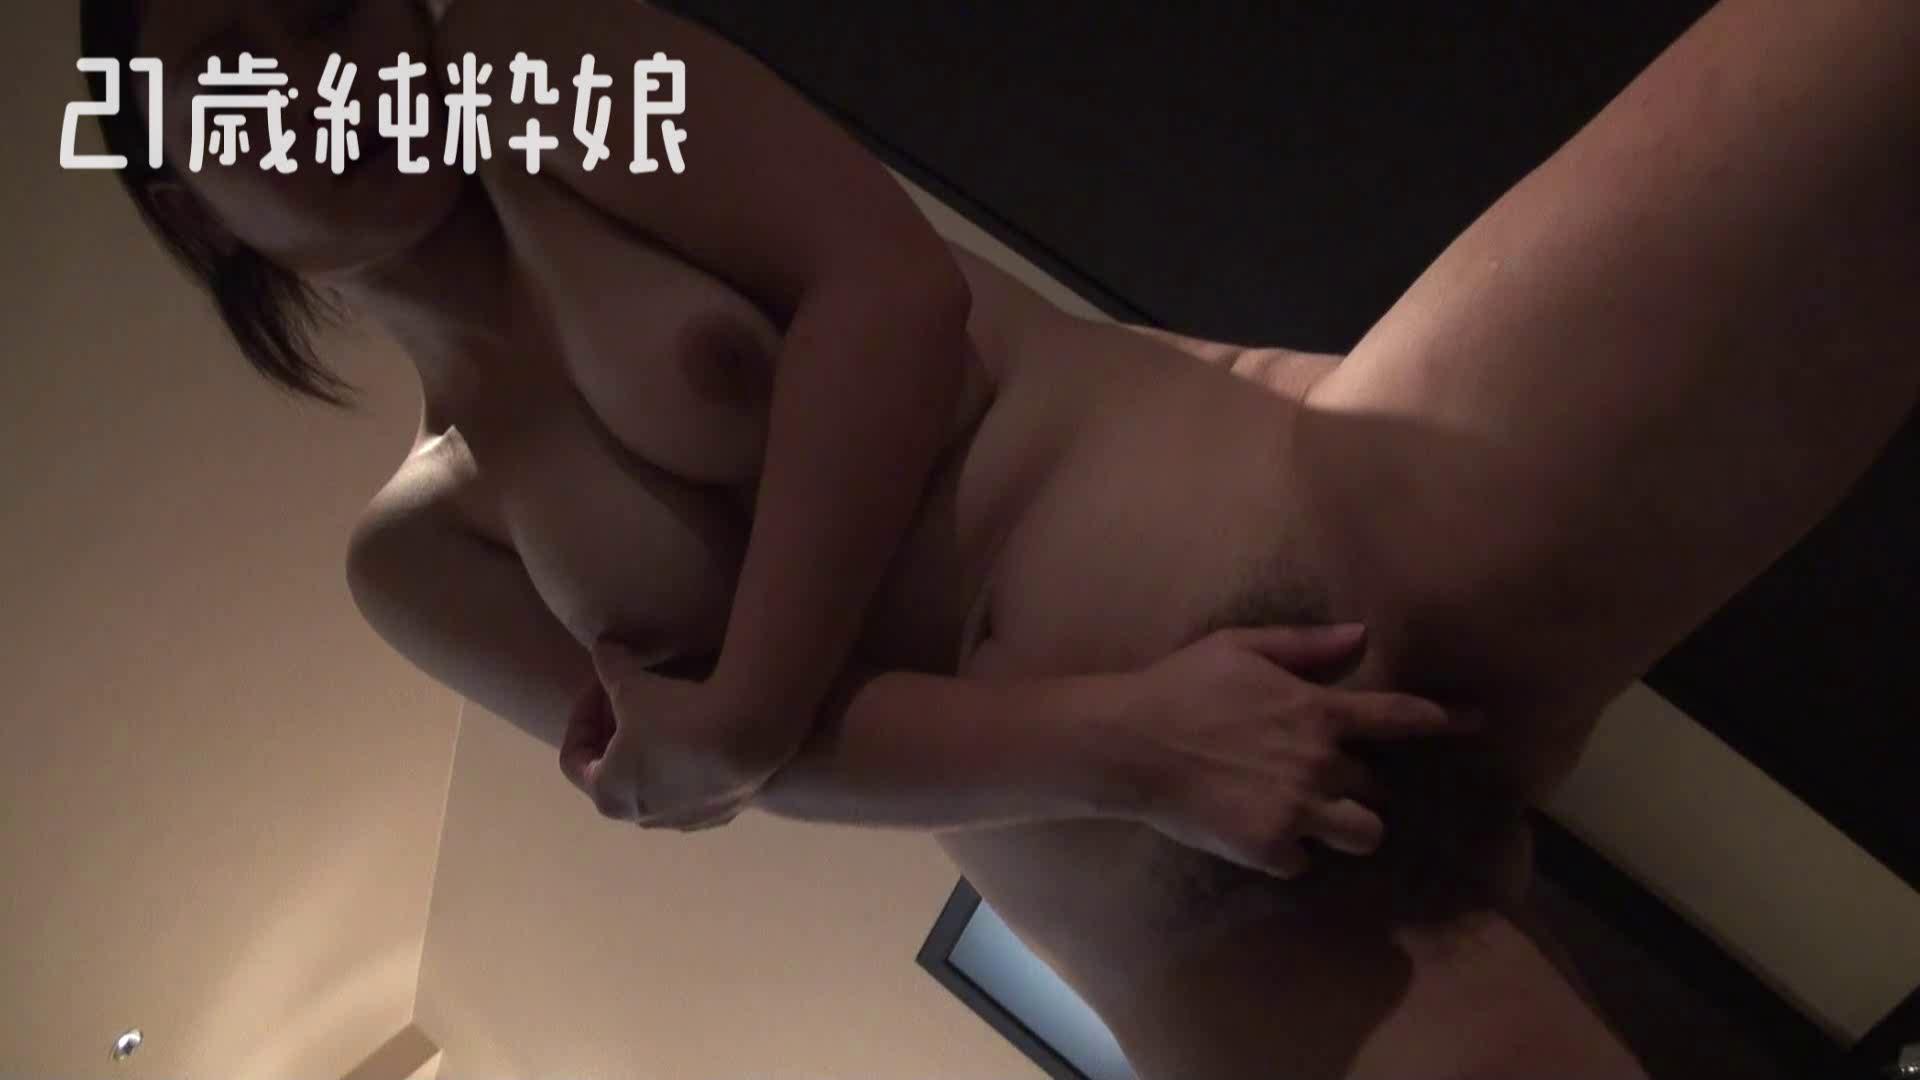 上京したばかりのGカップ21歳純粋嬢を都合の良い女にしてみた2 中出し  97連発 15